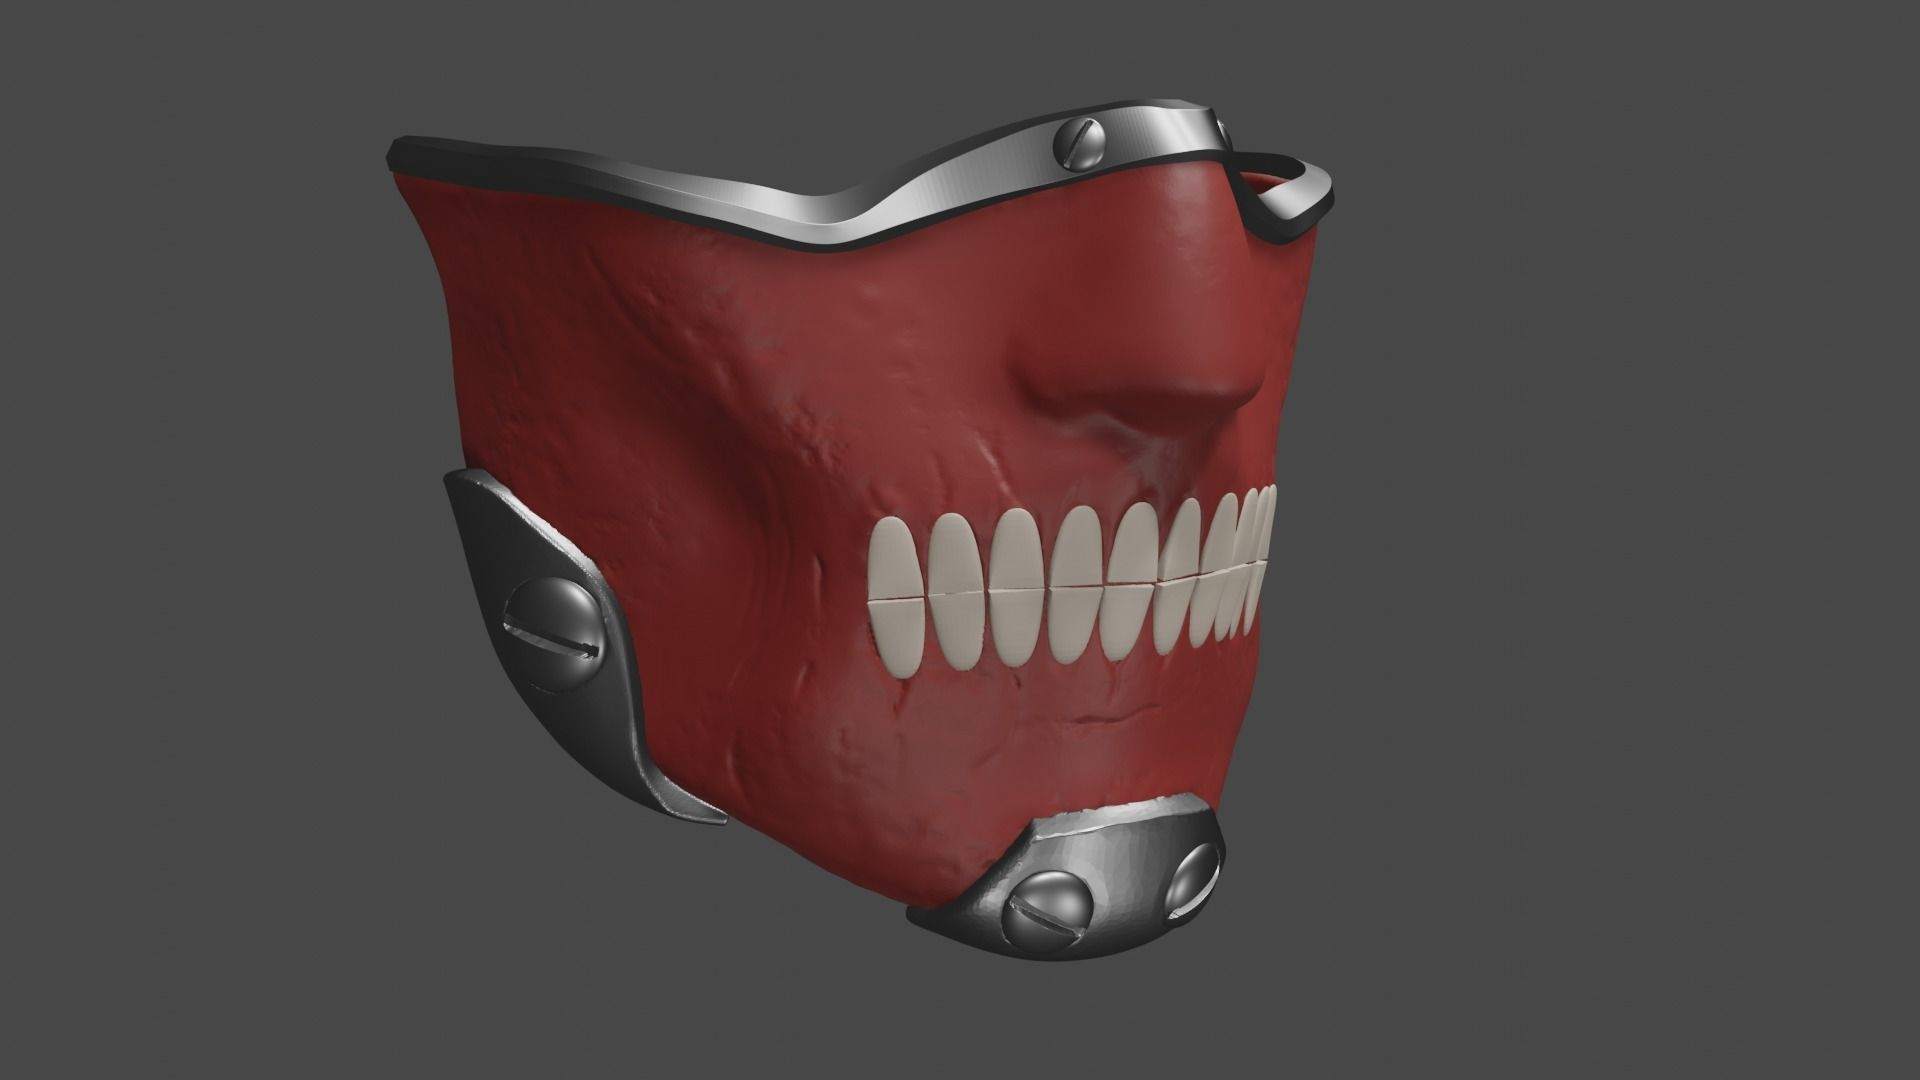 en mask cosplay prop dorohedoro 3d model for